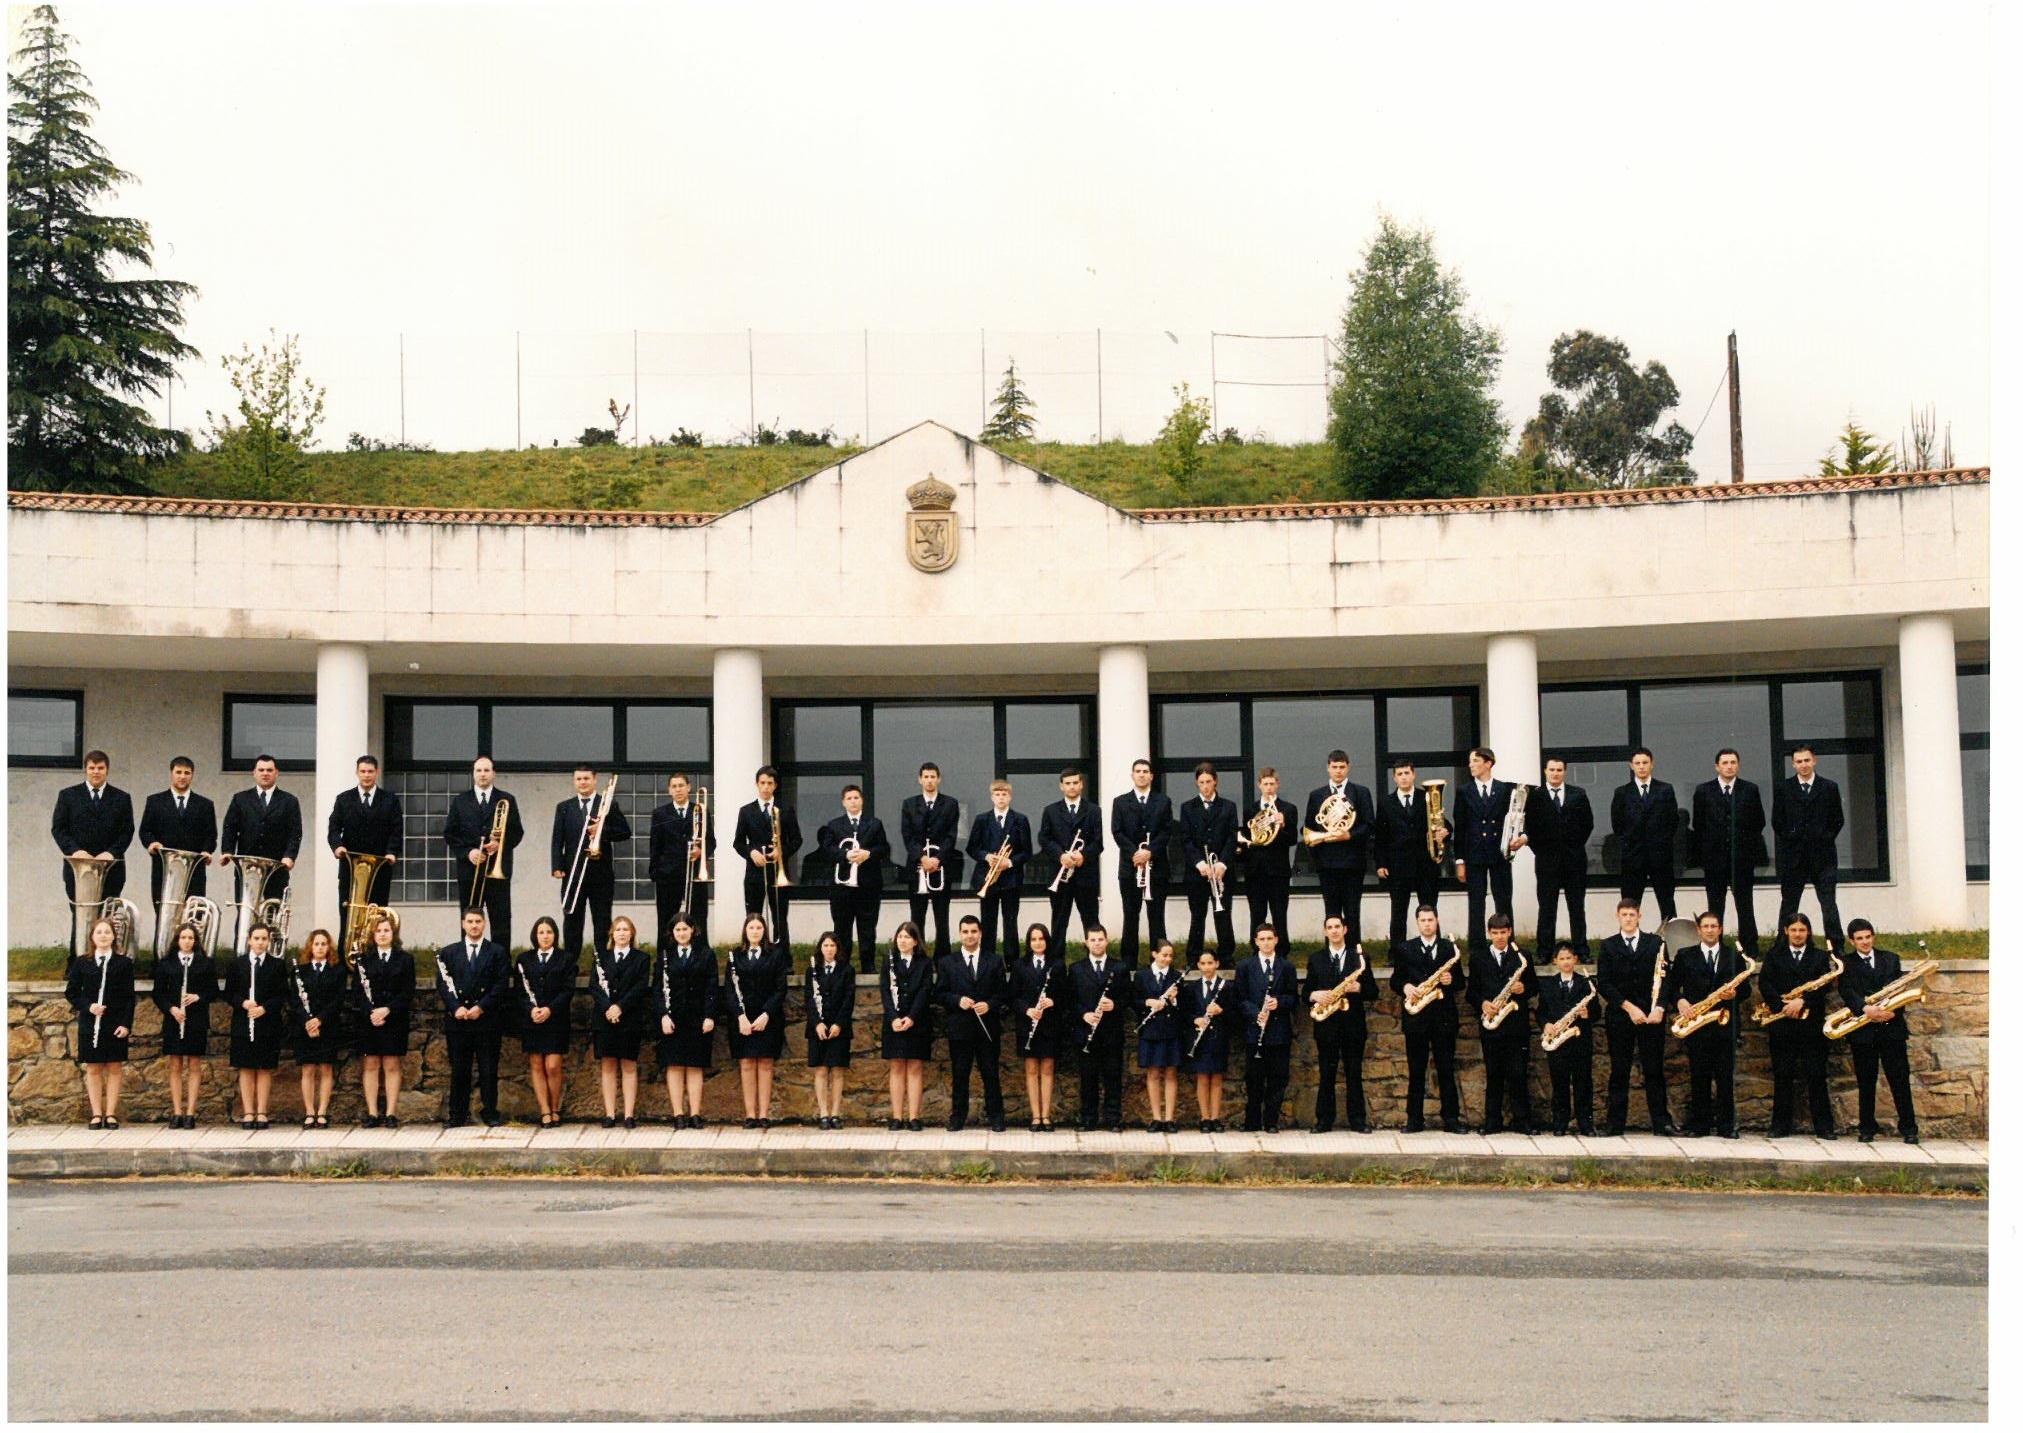 banda-de-bandeira-10-05-2002-04